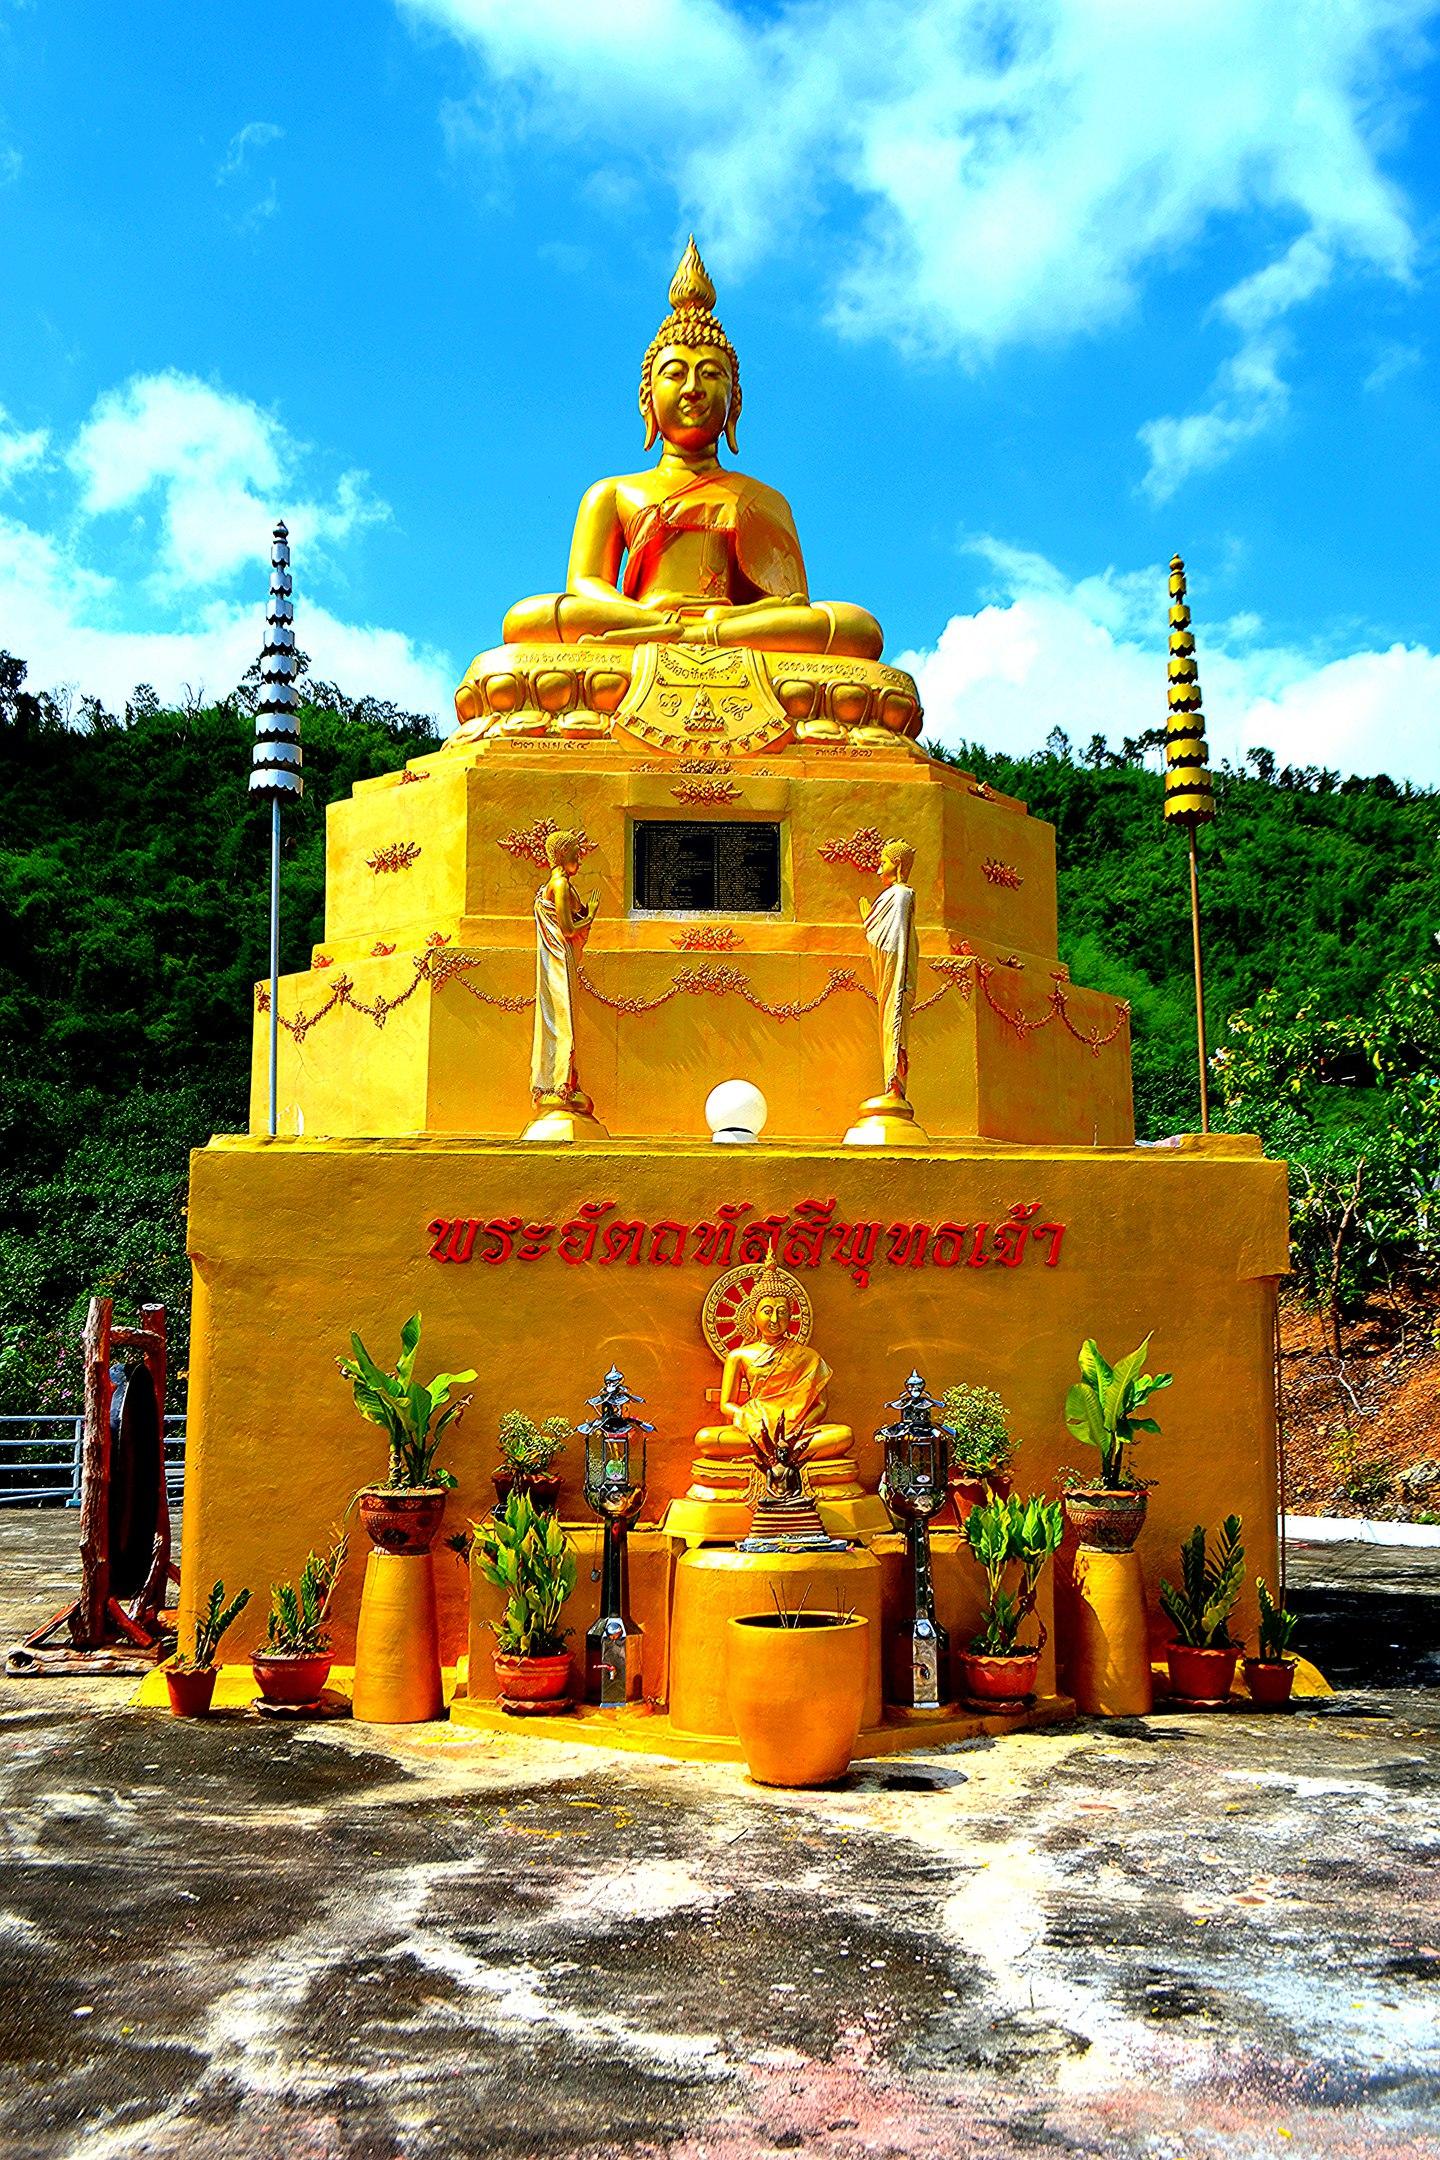 Елена Руденко (Валтея). Таиланд. Буддийский храм в горах. 6kz0JTb8esU